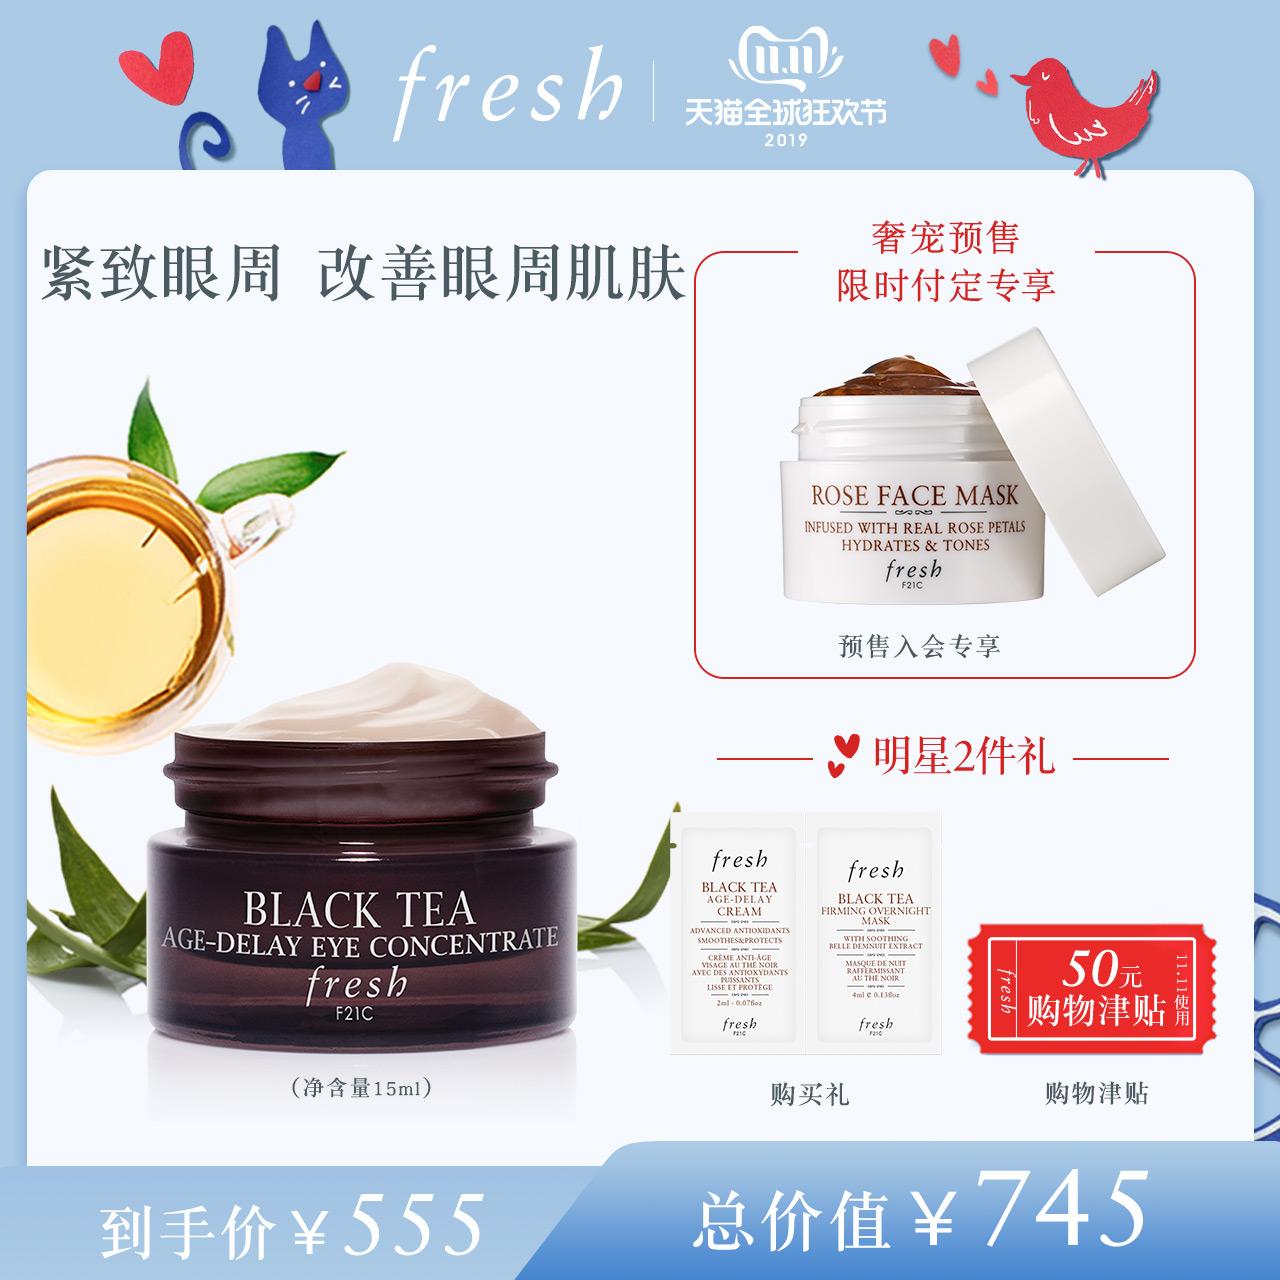 【双11预售】Fresh馥蕾诗红茶紧致修护眼部精华霜15ml 滋养保湿女